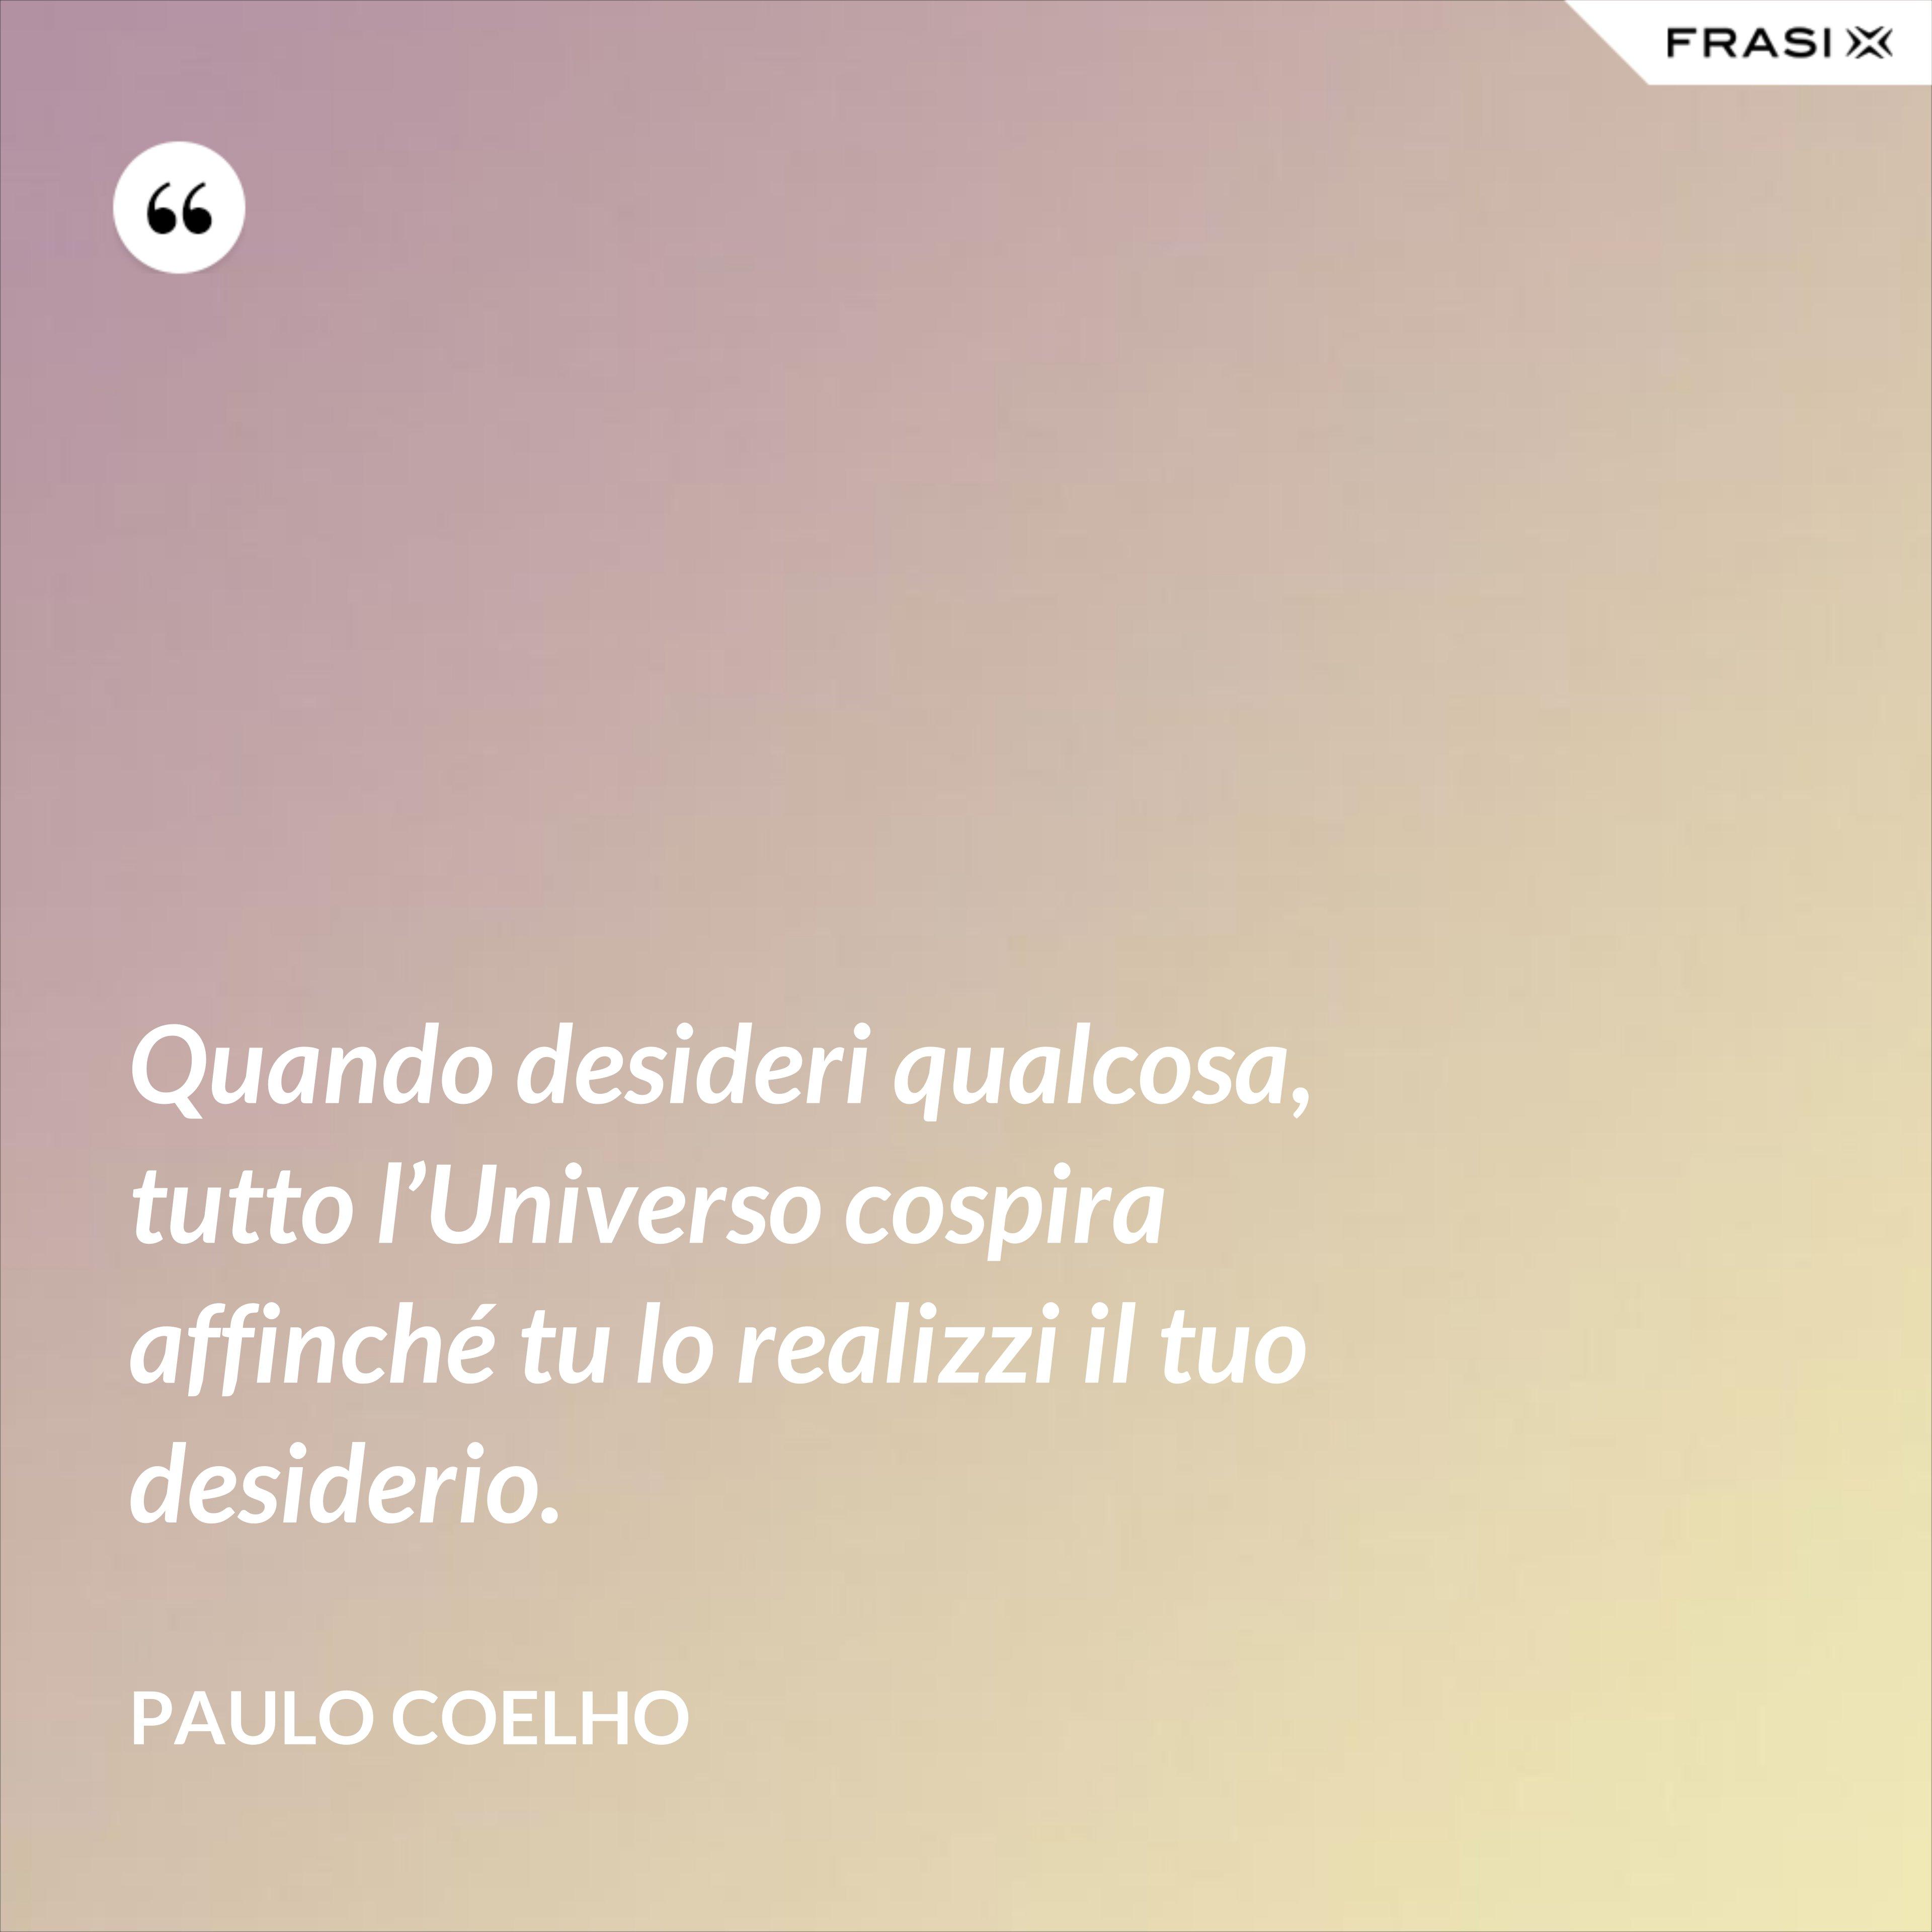 Quando desideri qualcosa, tutto l'Universo cospira affinché tu lo realizzi il tuo desiderio. - Paulo Coelho